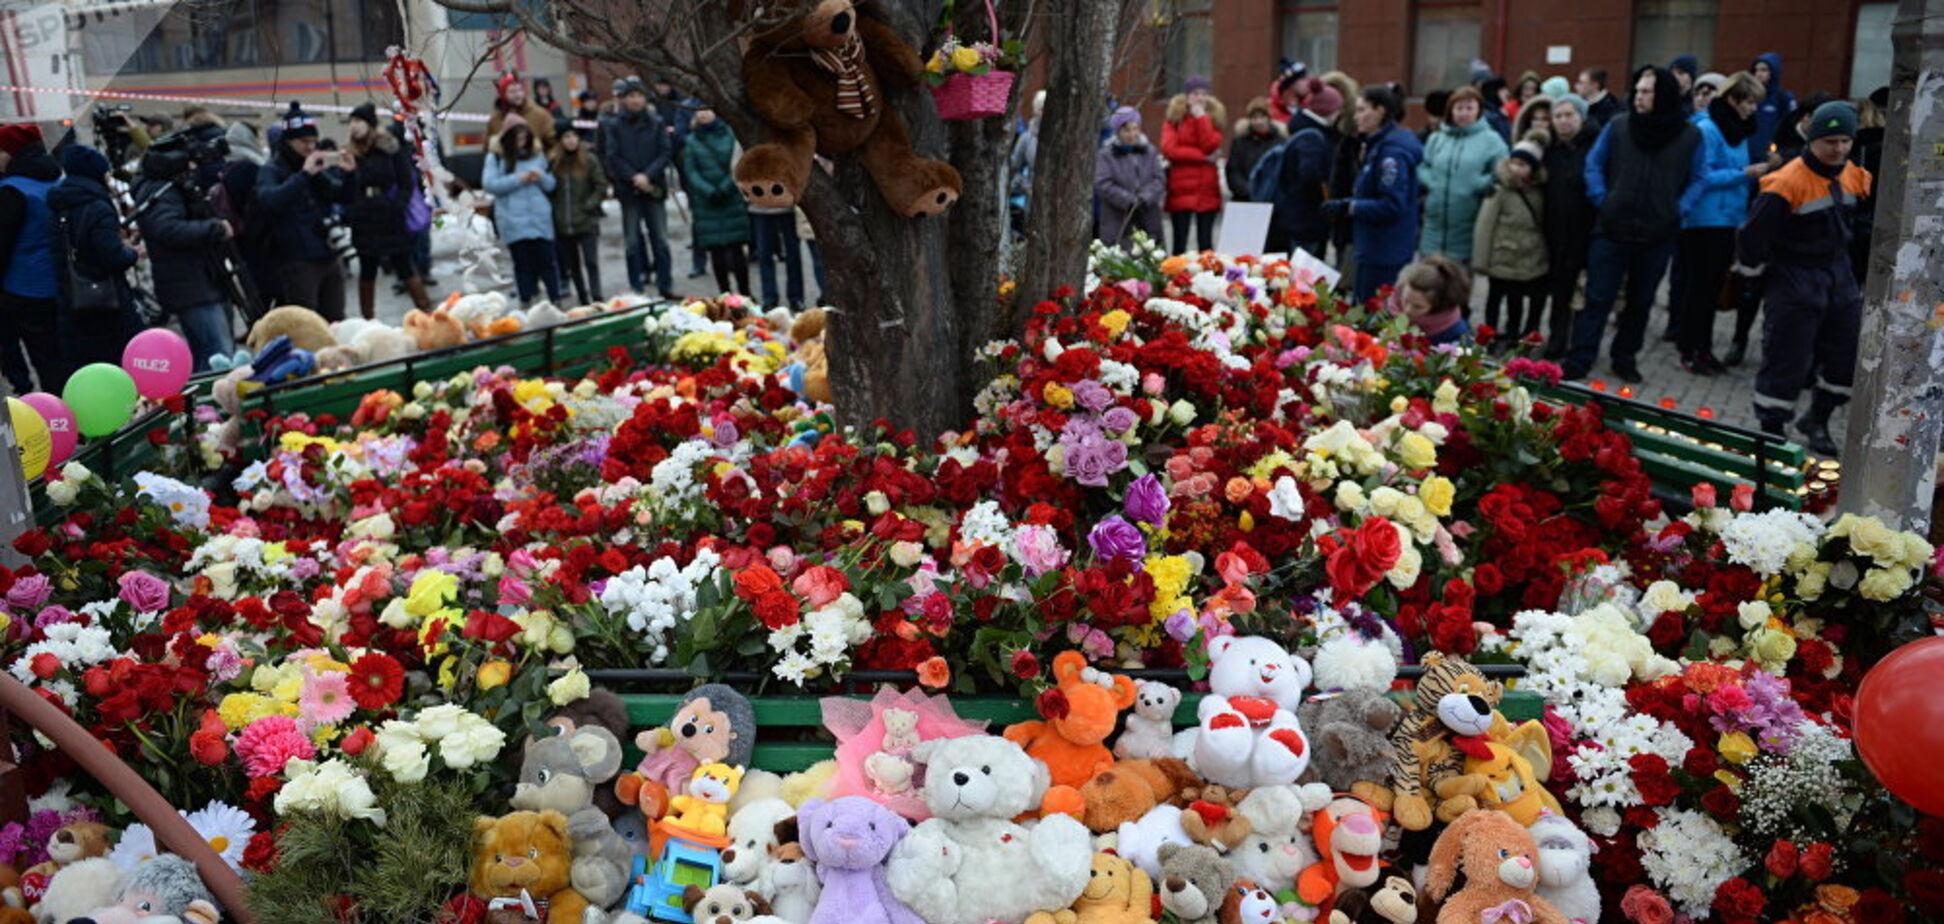 Горы обожженных тел: стало известно, как сгорели дети в ТРЦ Кемерово